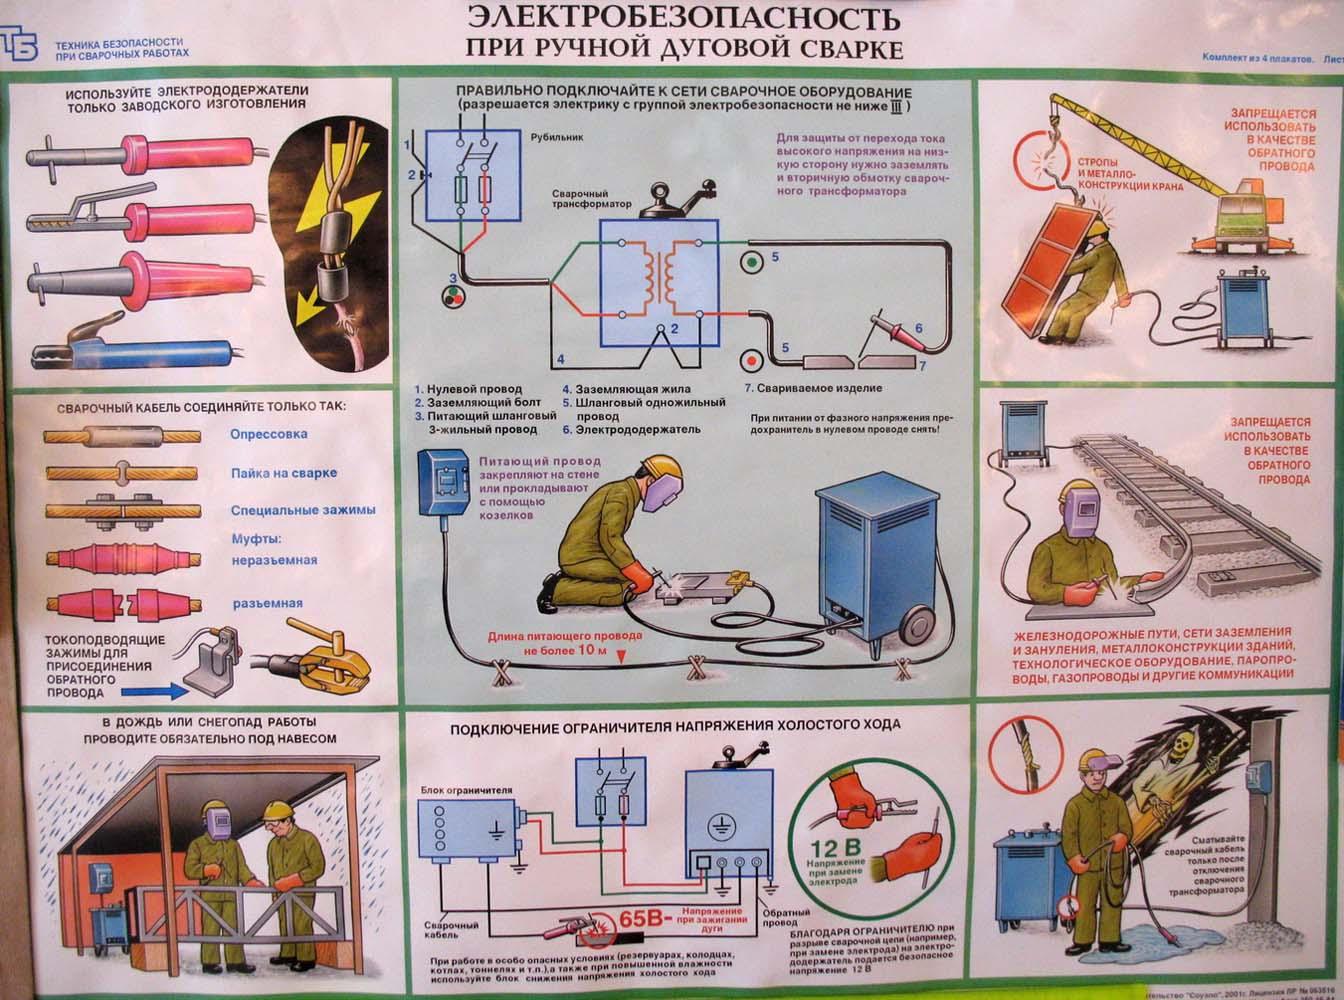 Скачать пример инструкции по охране труда при выполнении электросварочных работ 2020